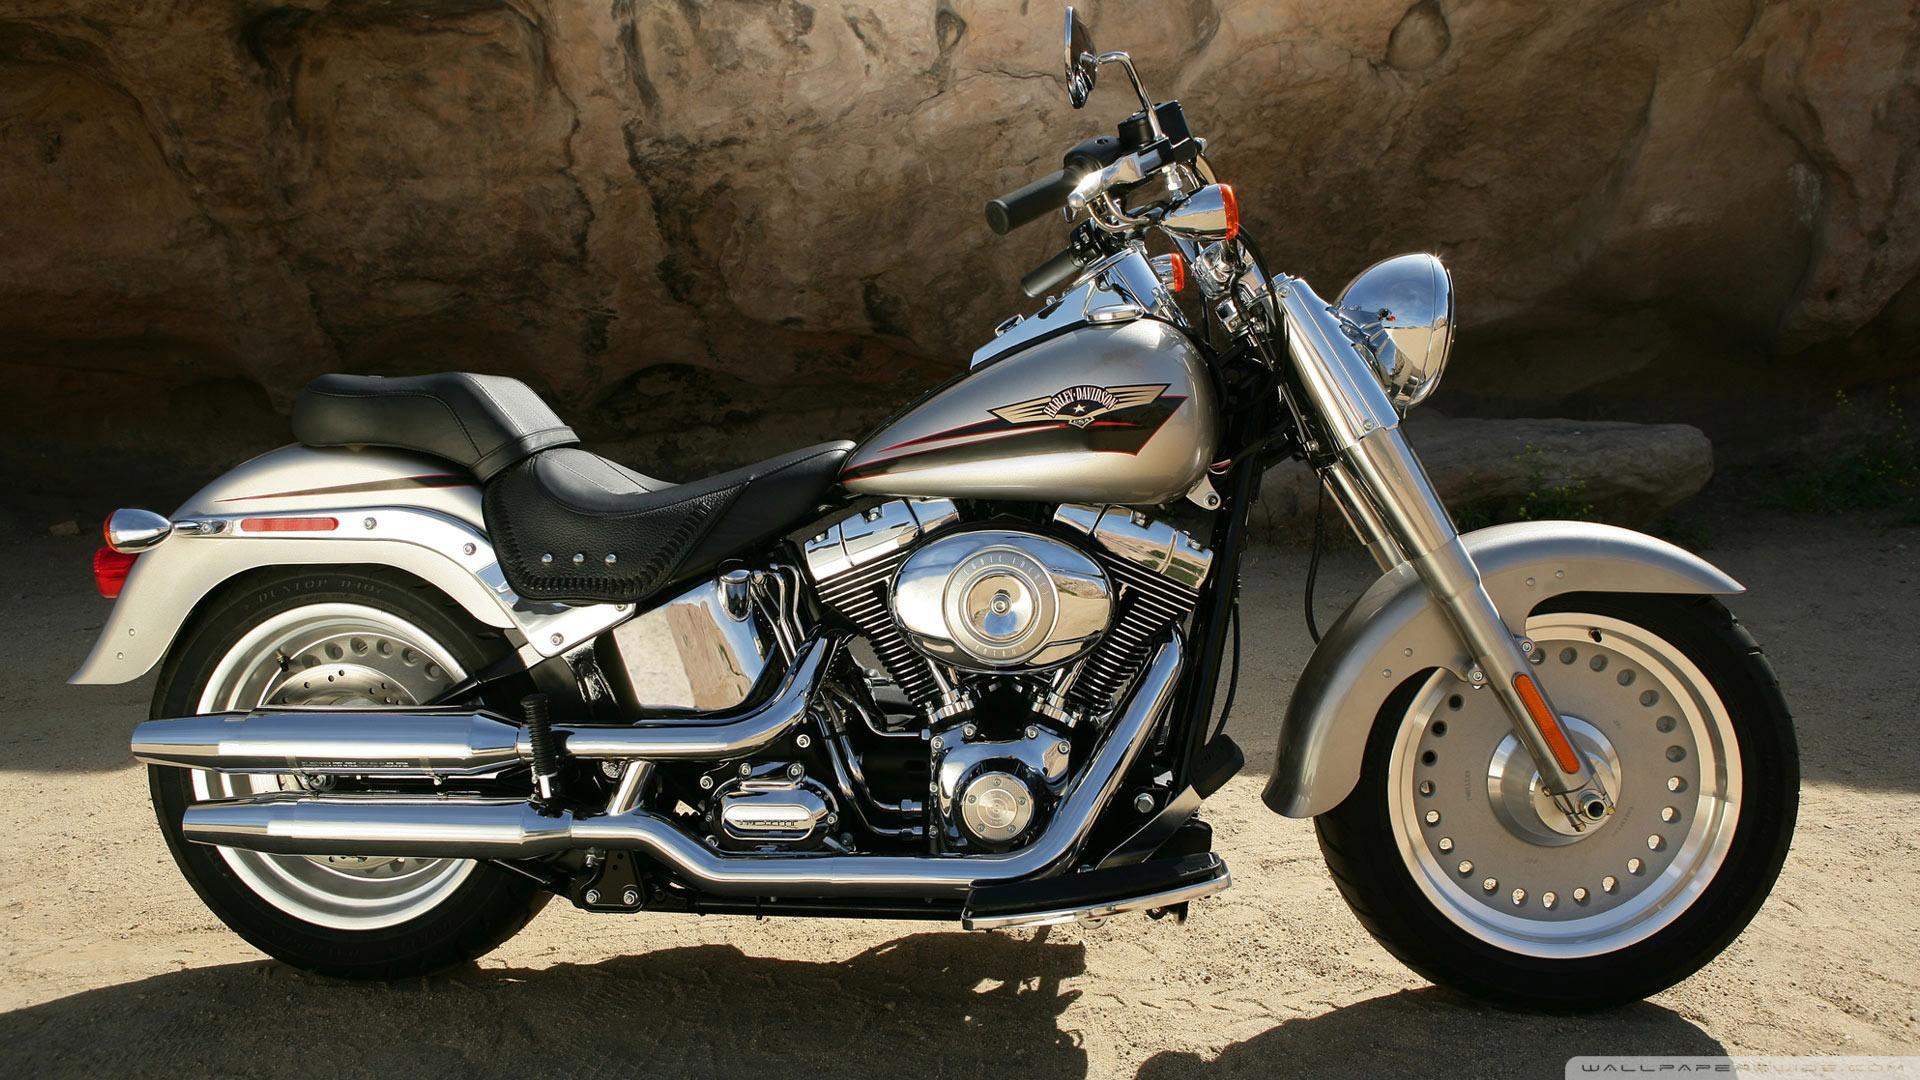 Harley Davidson Bike 8 1920x1080 HD Wallpaper Bikes Motorcycles 1920x1080